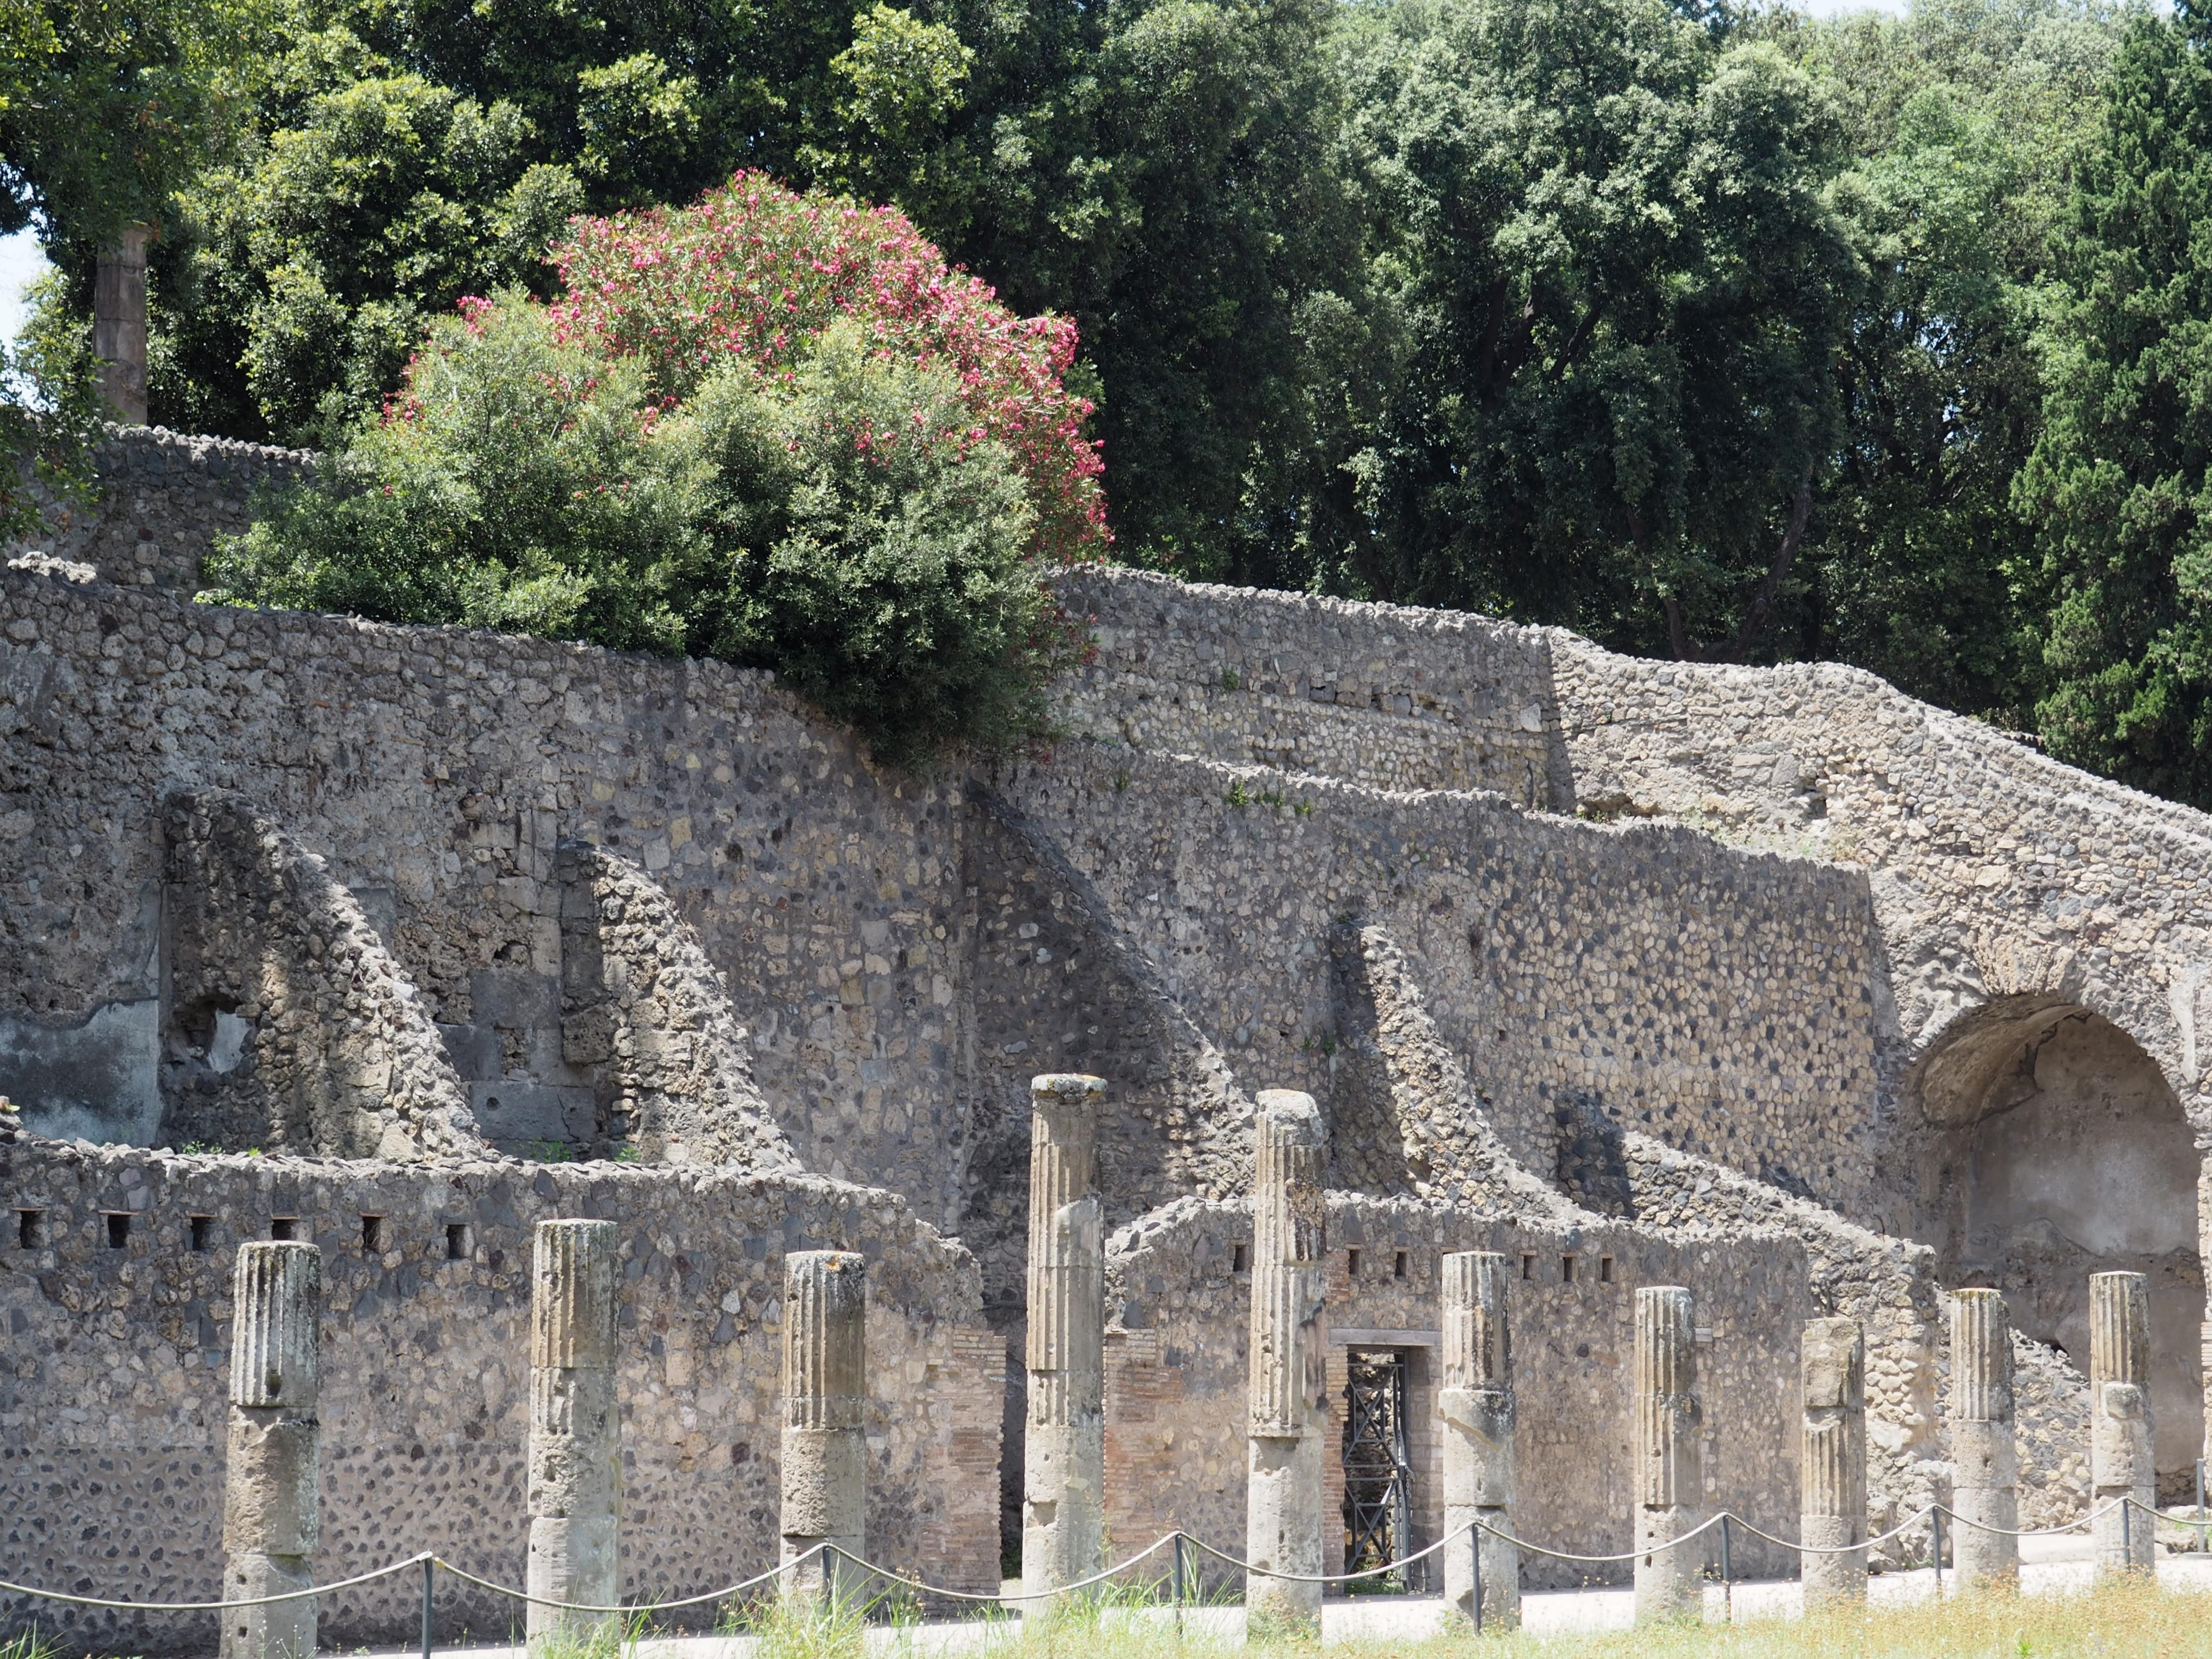 Überreste der gut erhaltenen Stadtmauer er antiken Stadt Pompeji am Golf von Neapel